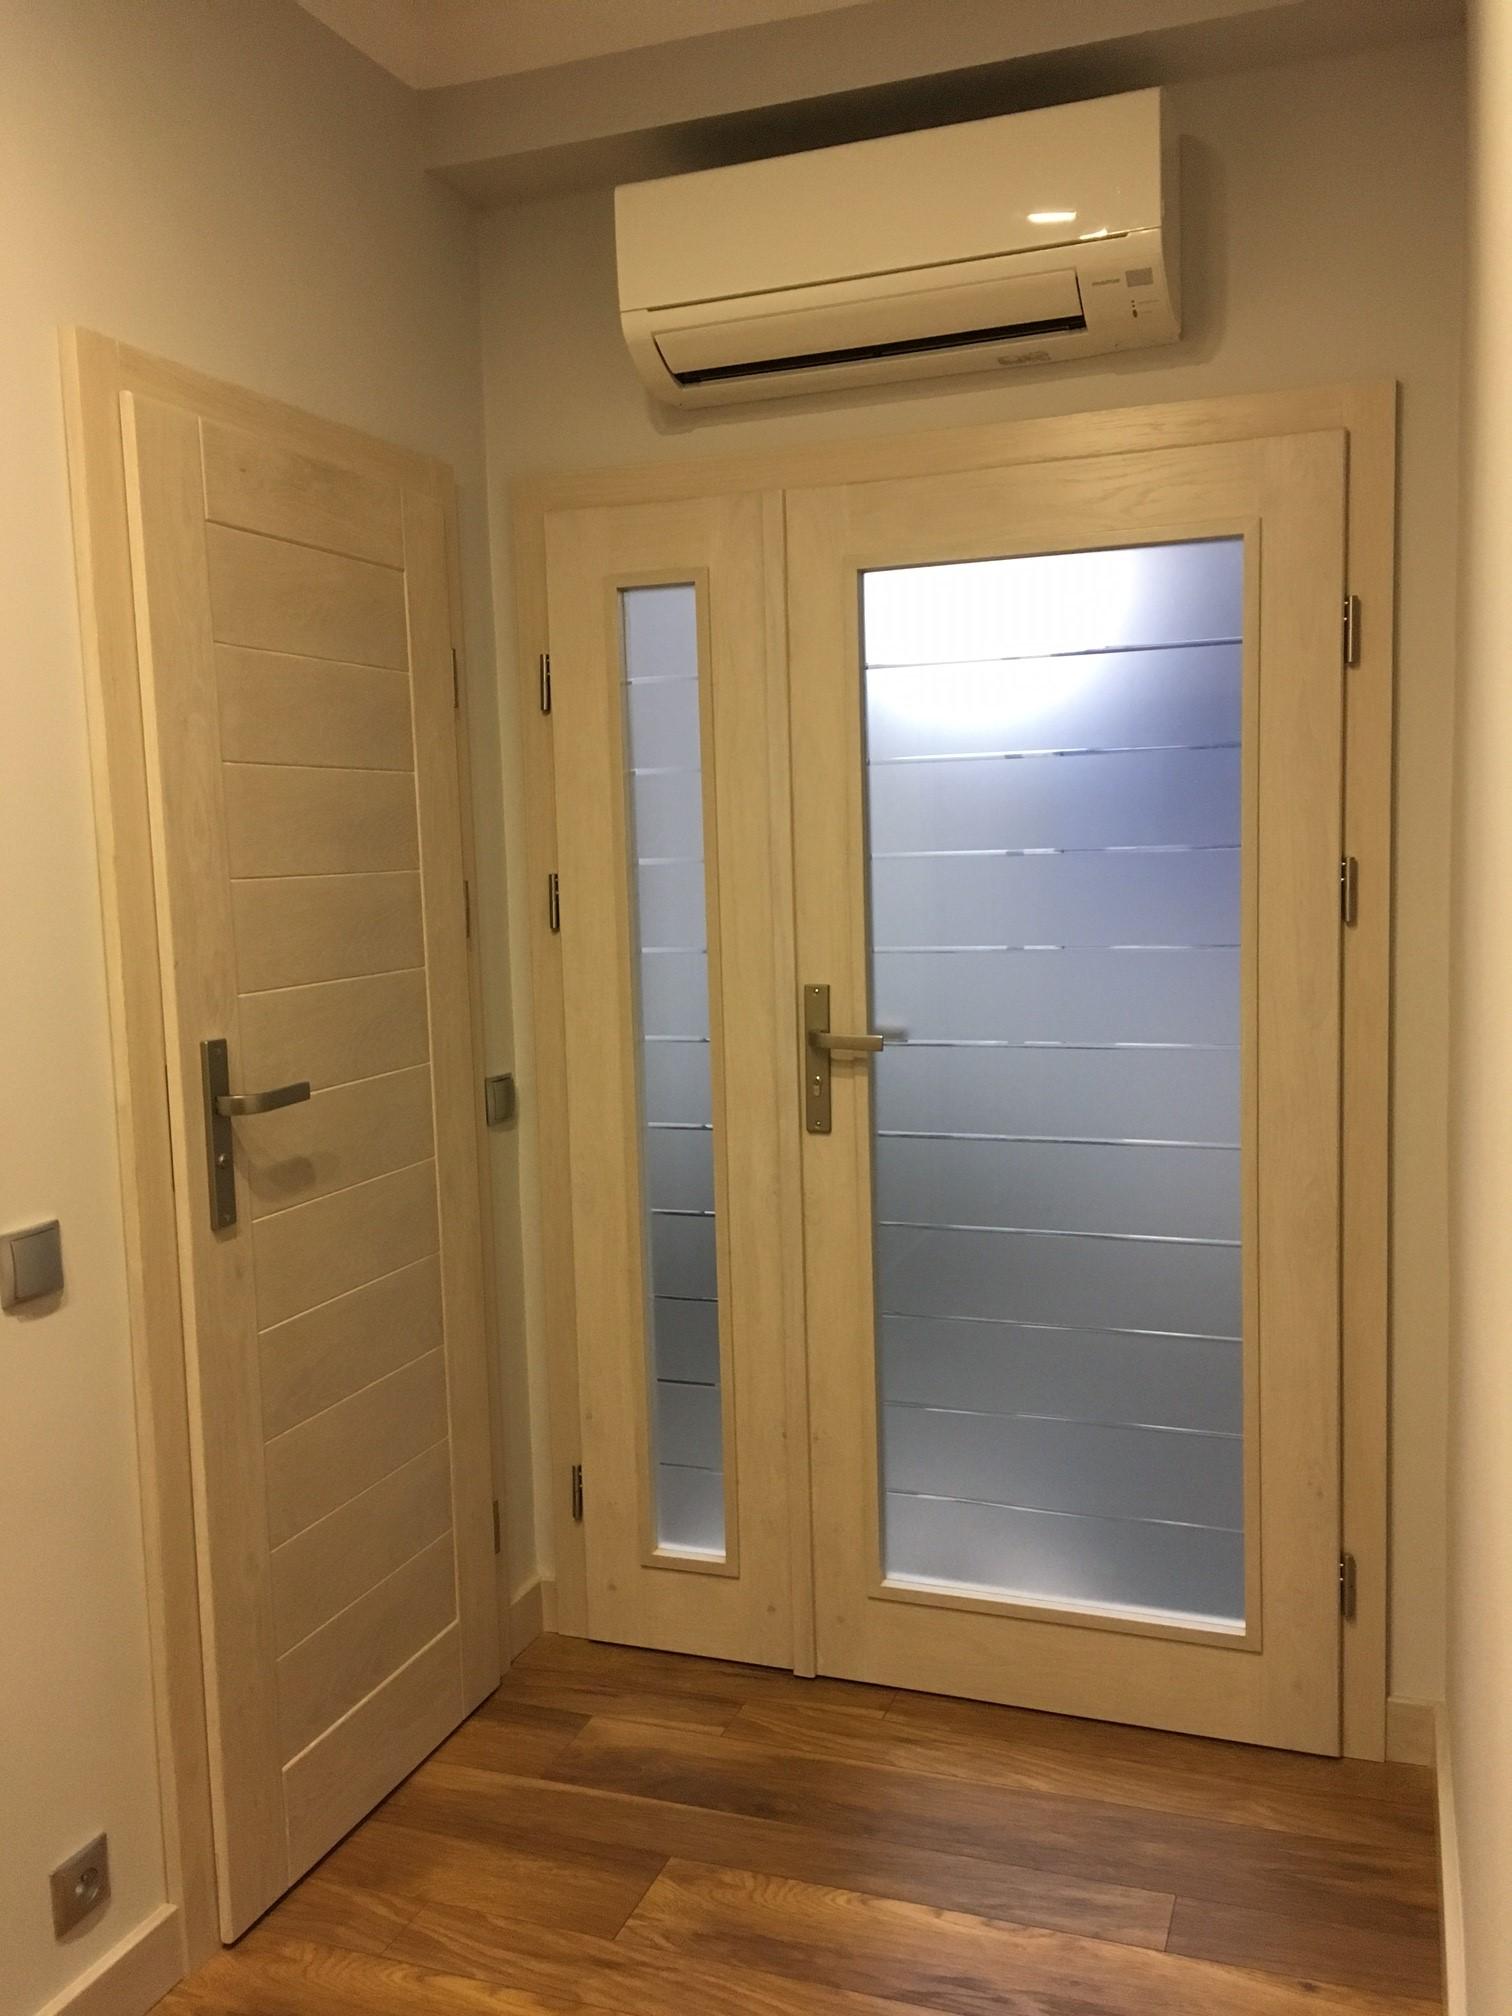 Jak dobrać drzwi do wnętrza